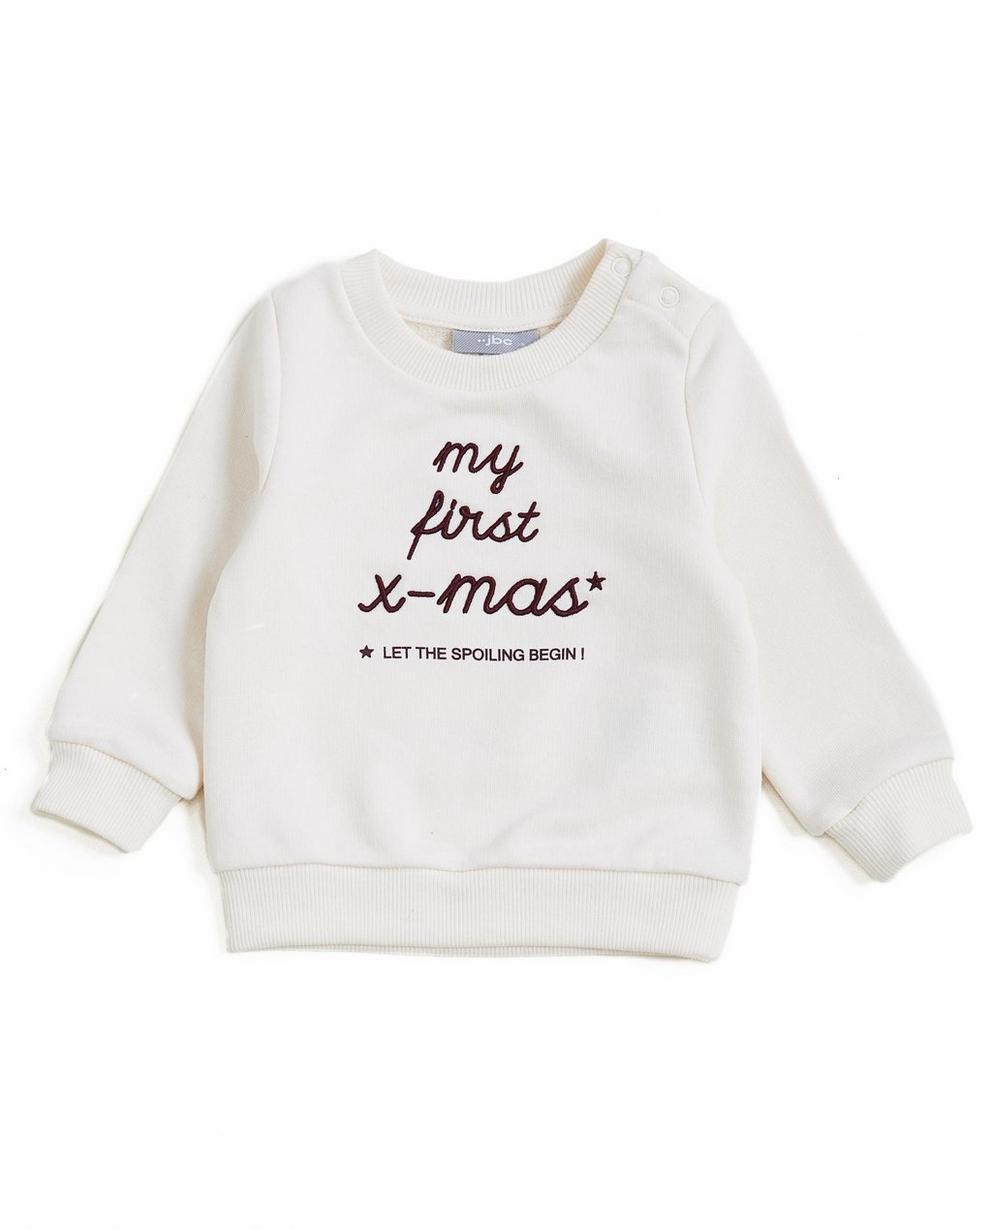 Weißer Sweater - #familystoriesjbc - JBC